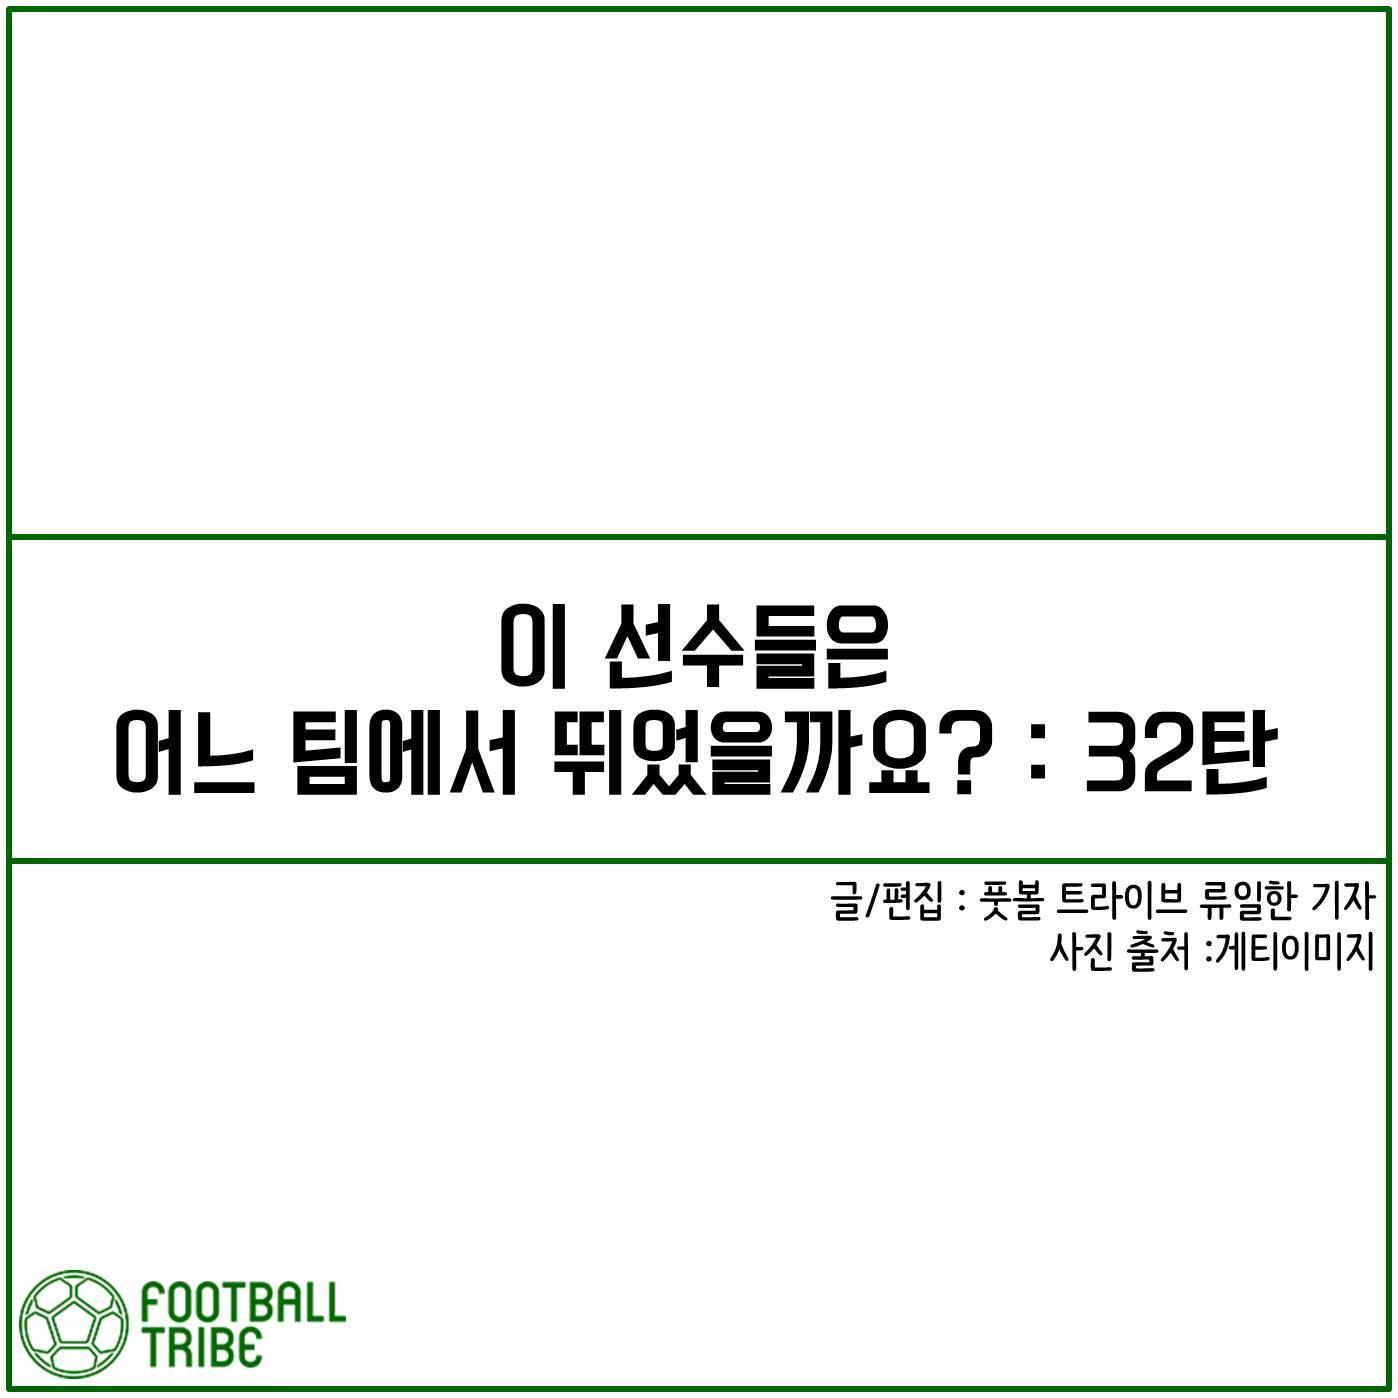 [카드 뉴스] 이 선수들은 어느 팀에서 뛰었을까요?: 32탄